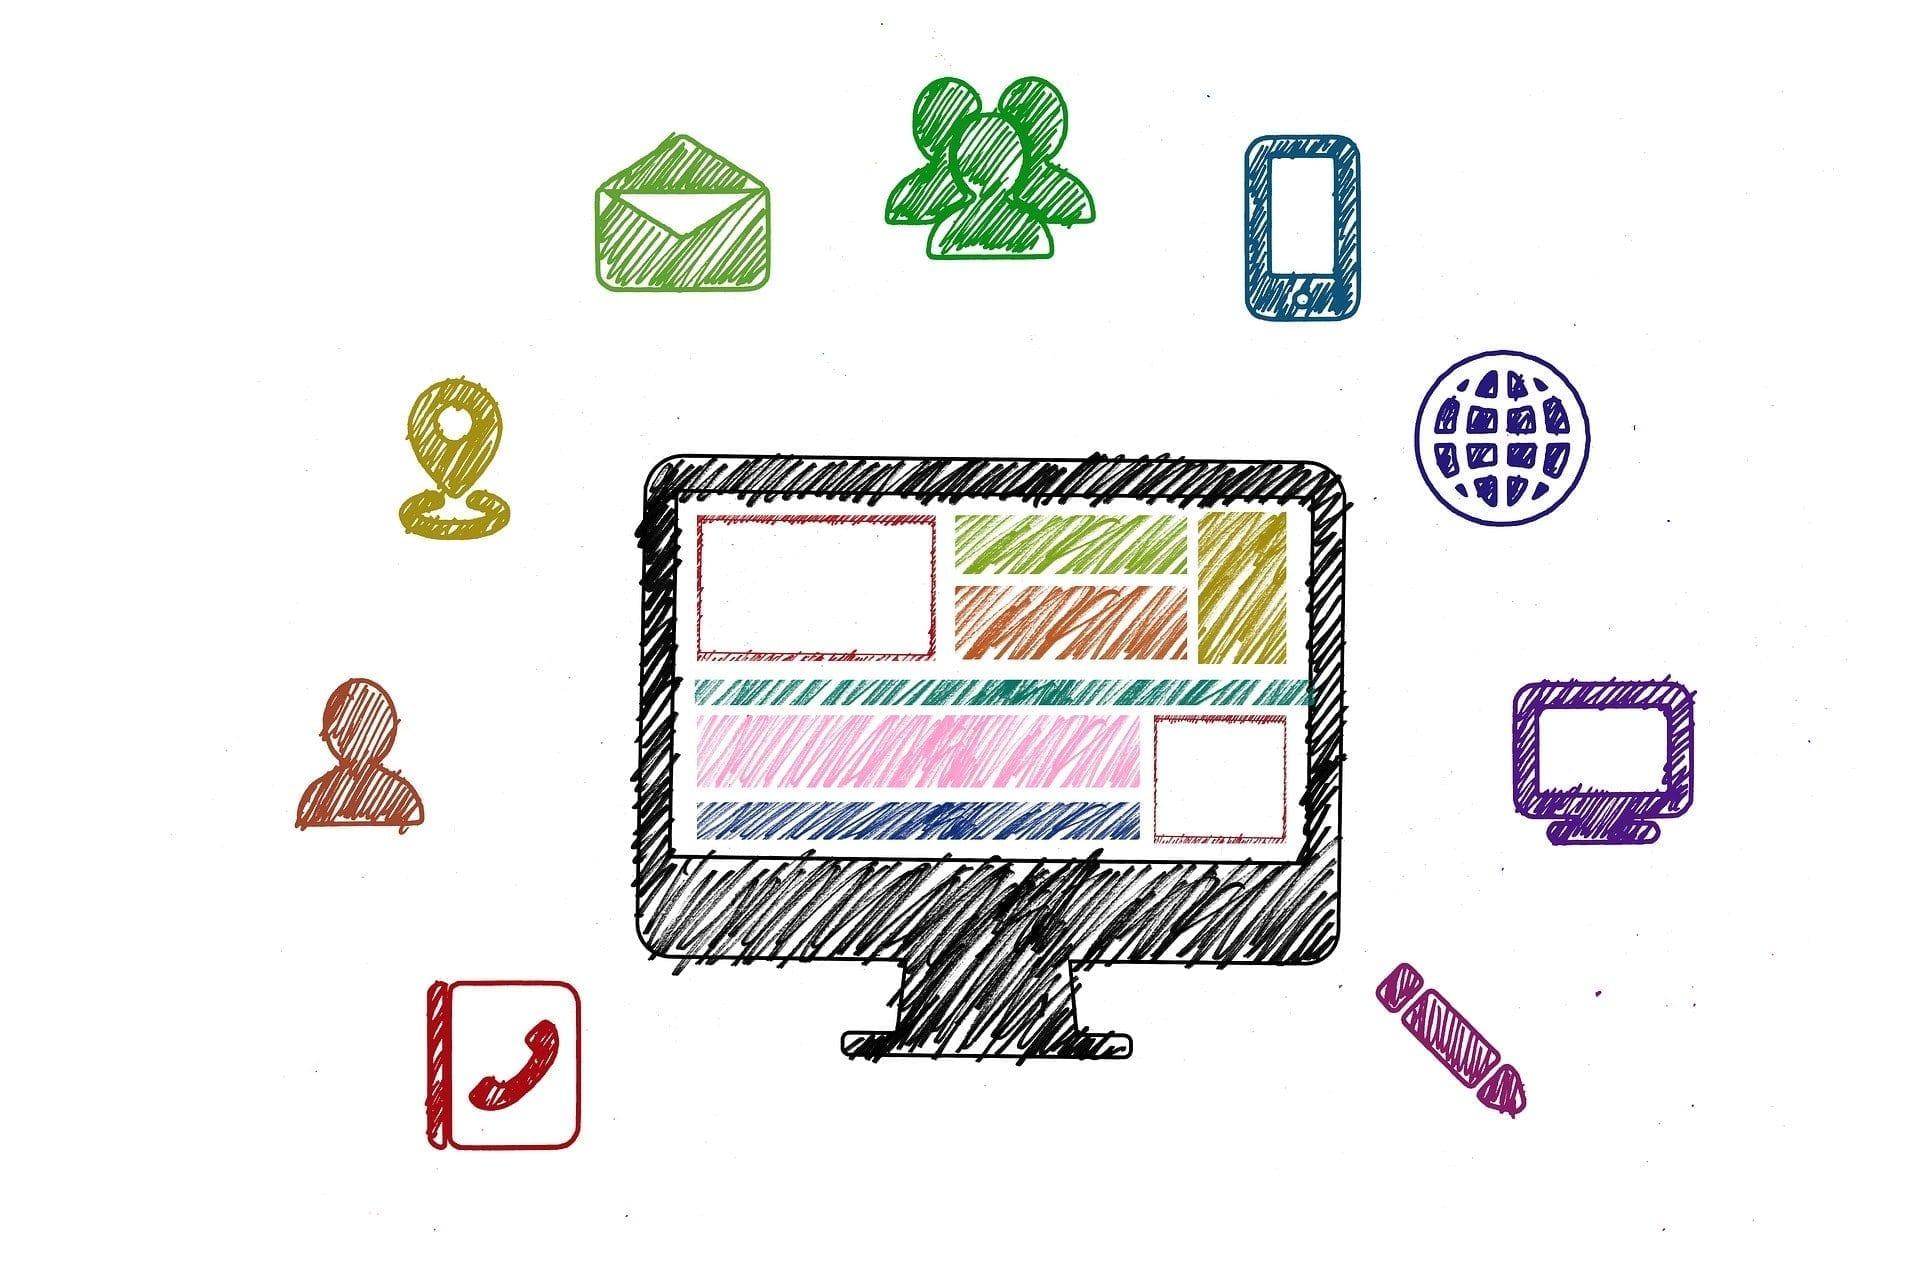 doodle diagram of various social media elements